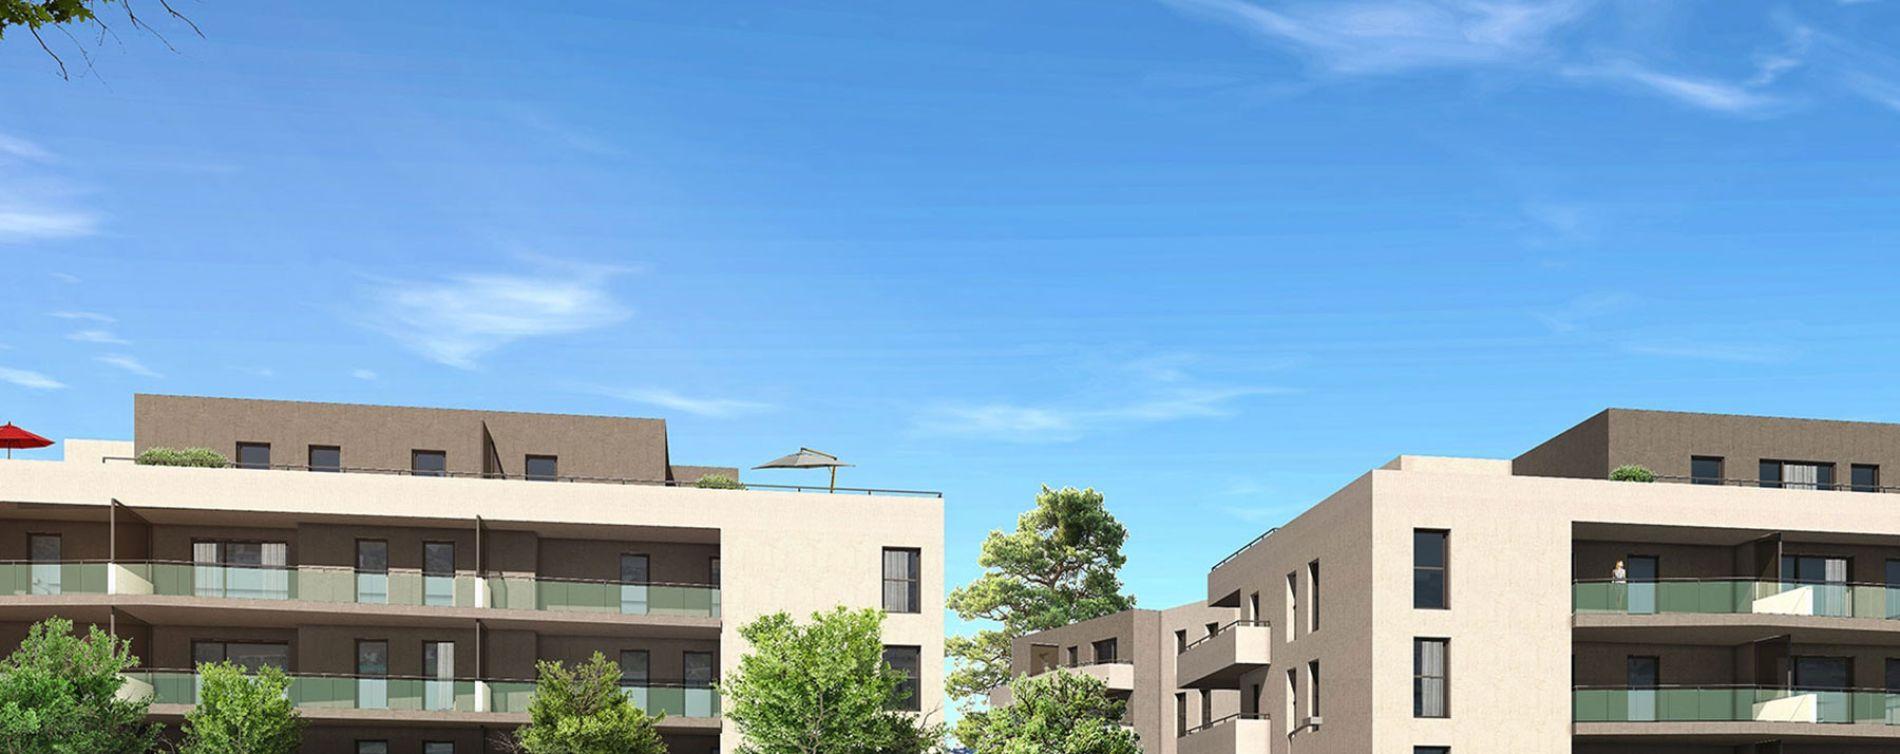 Juvignac : programme immobilier neuve « Oxalis Bât D et E » (3)